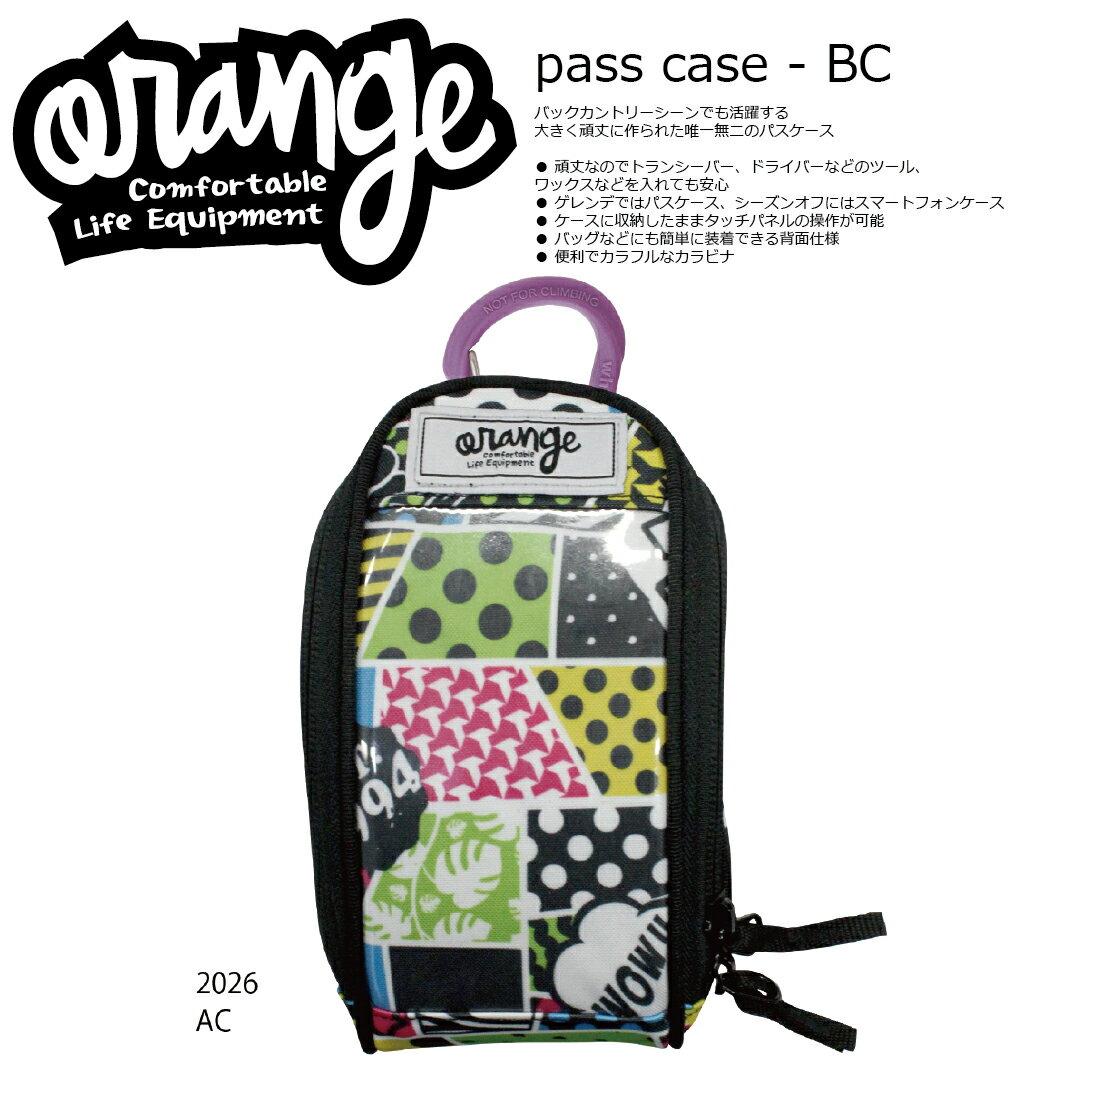 Oran'ge Pass-Case BC カラビナ付 2026 AC オレンジ パスケース 縦タイプ ビーシー カーゴ 収納ポケット付 2017 2017-18